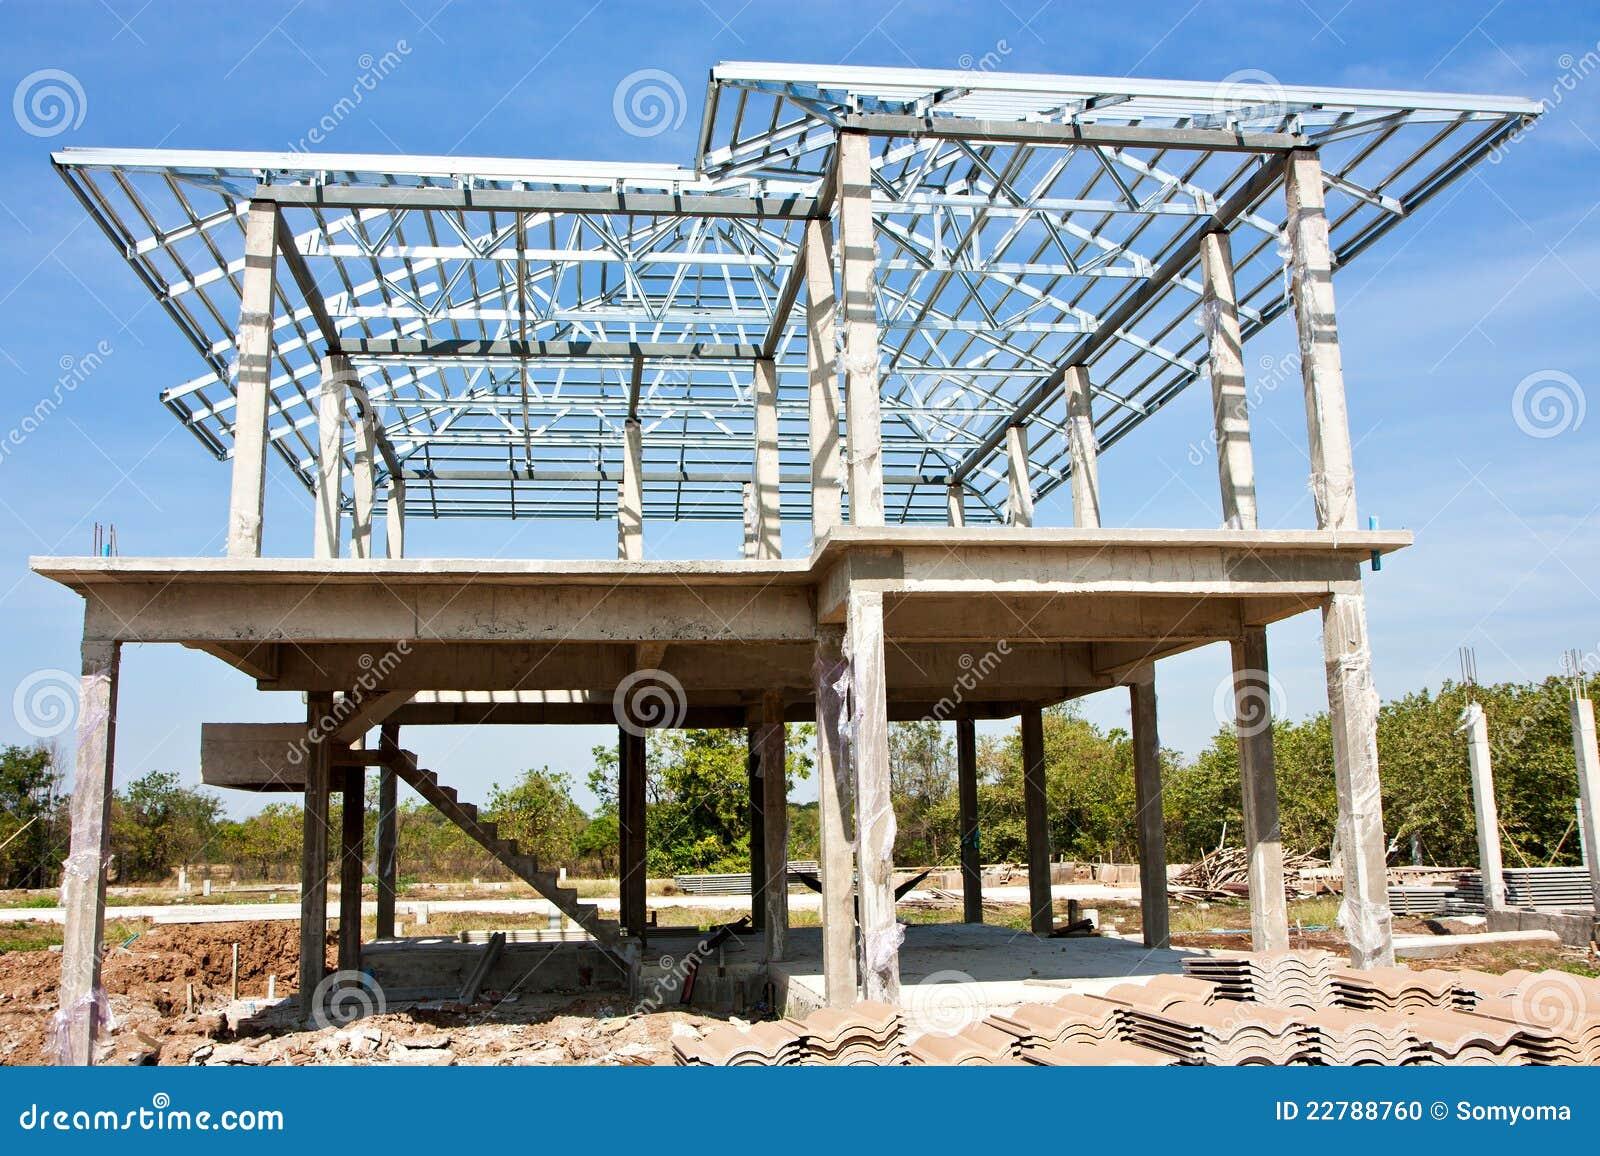 construction la maison neuve avec la structure de toit en acier photo stock image 22788760. Black Bedroom Furniture Sets. Home Design Ideas